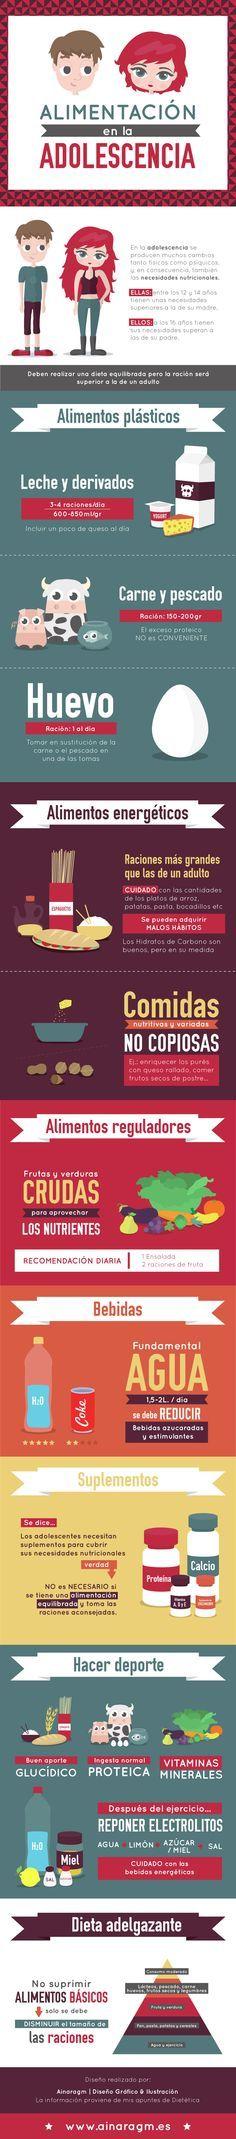 Infografía sobre la alimentación en la adolescencia